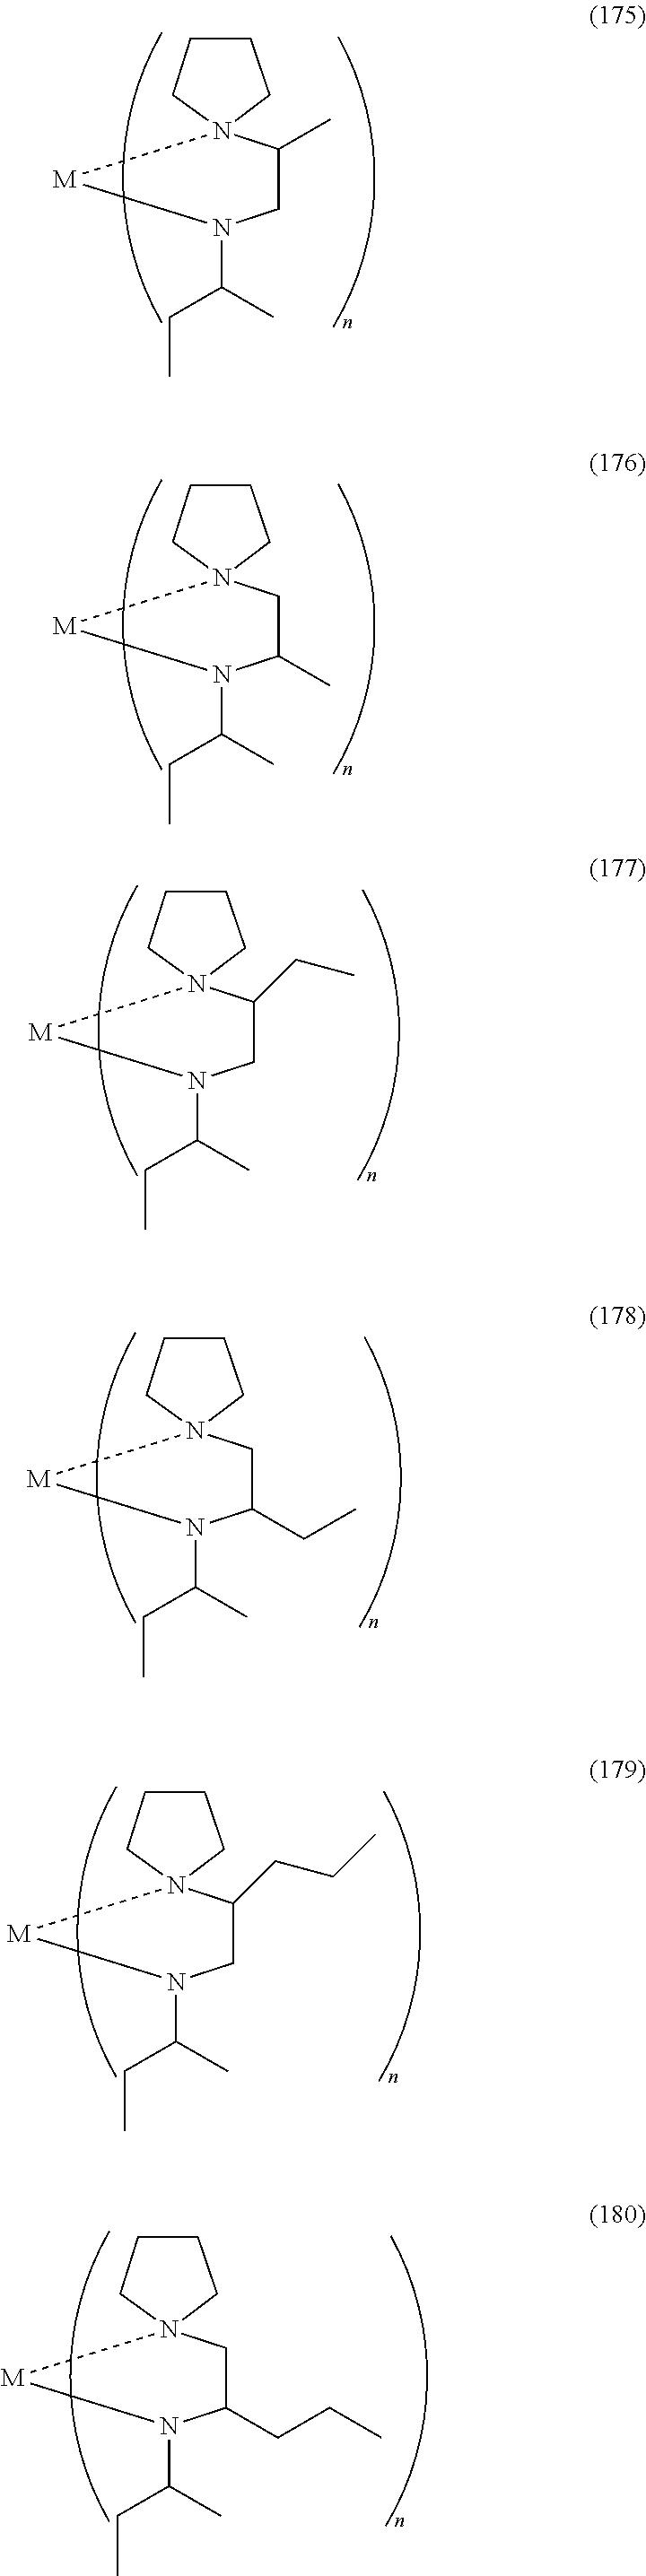 Figure US08871304-20141028-C00039